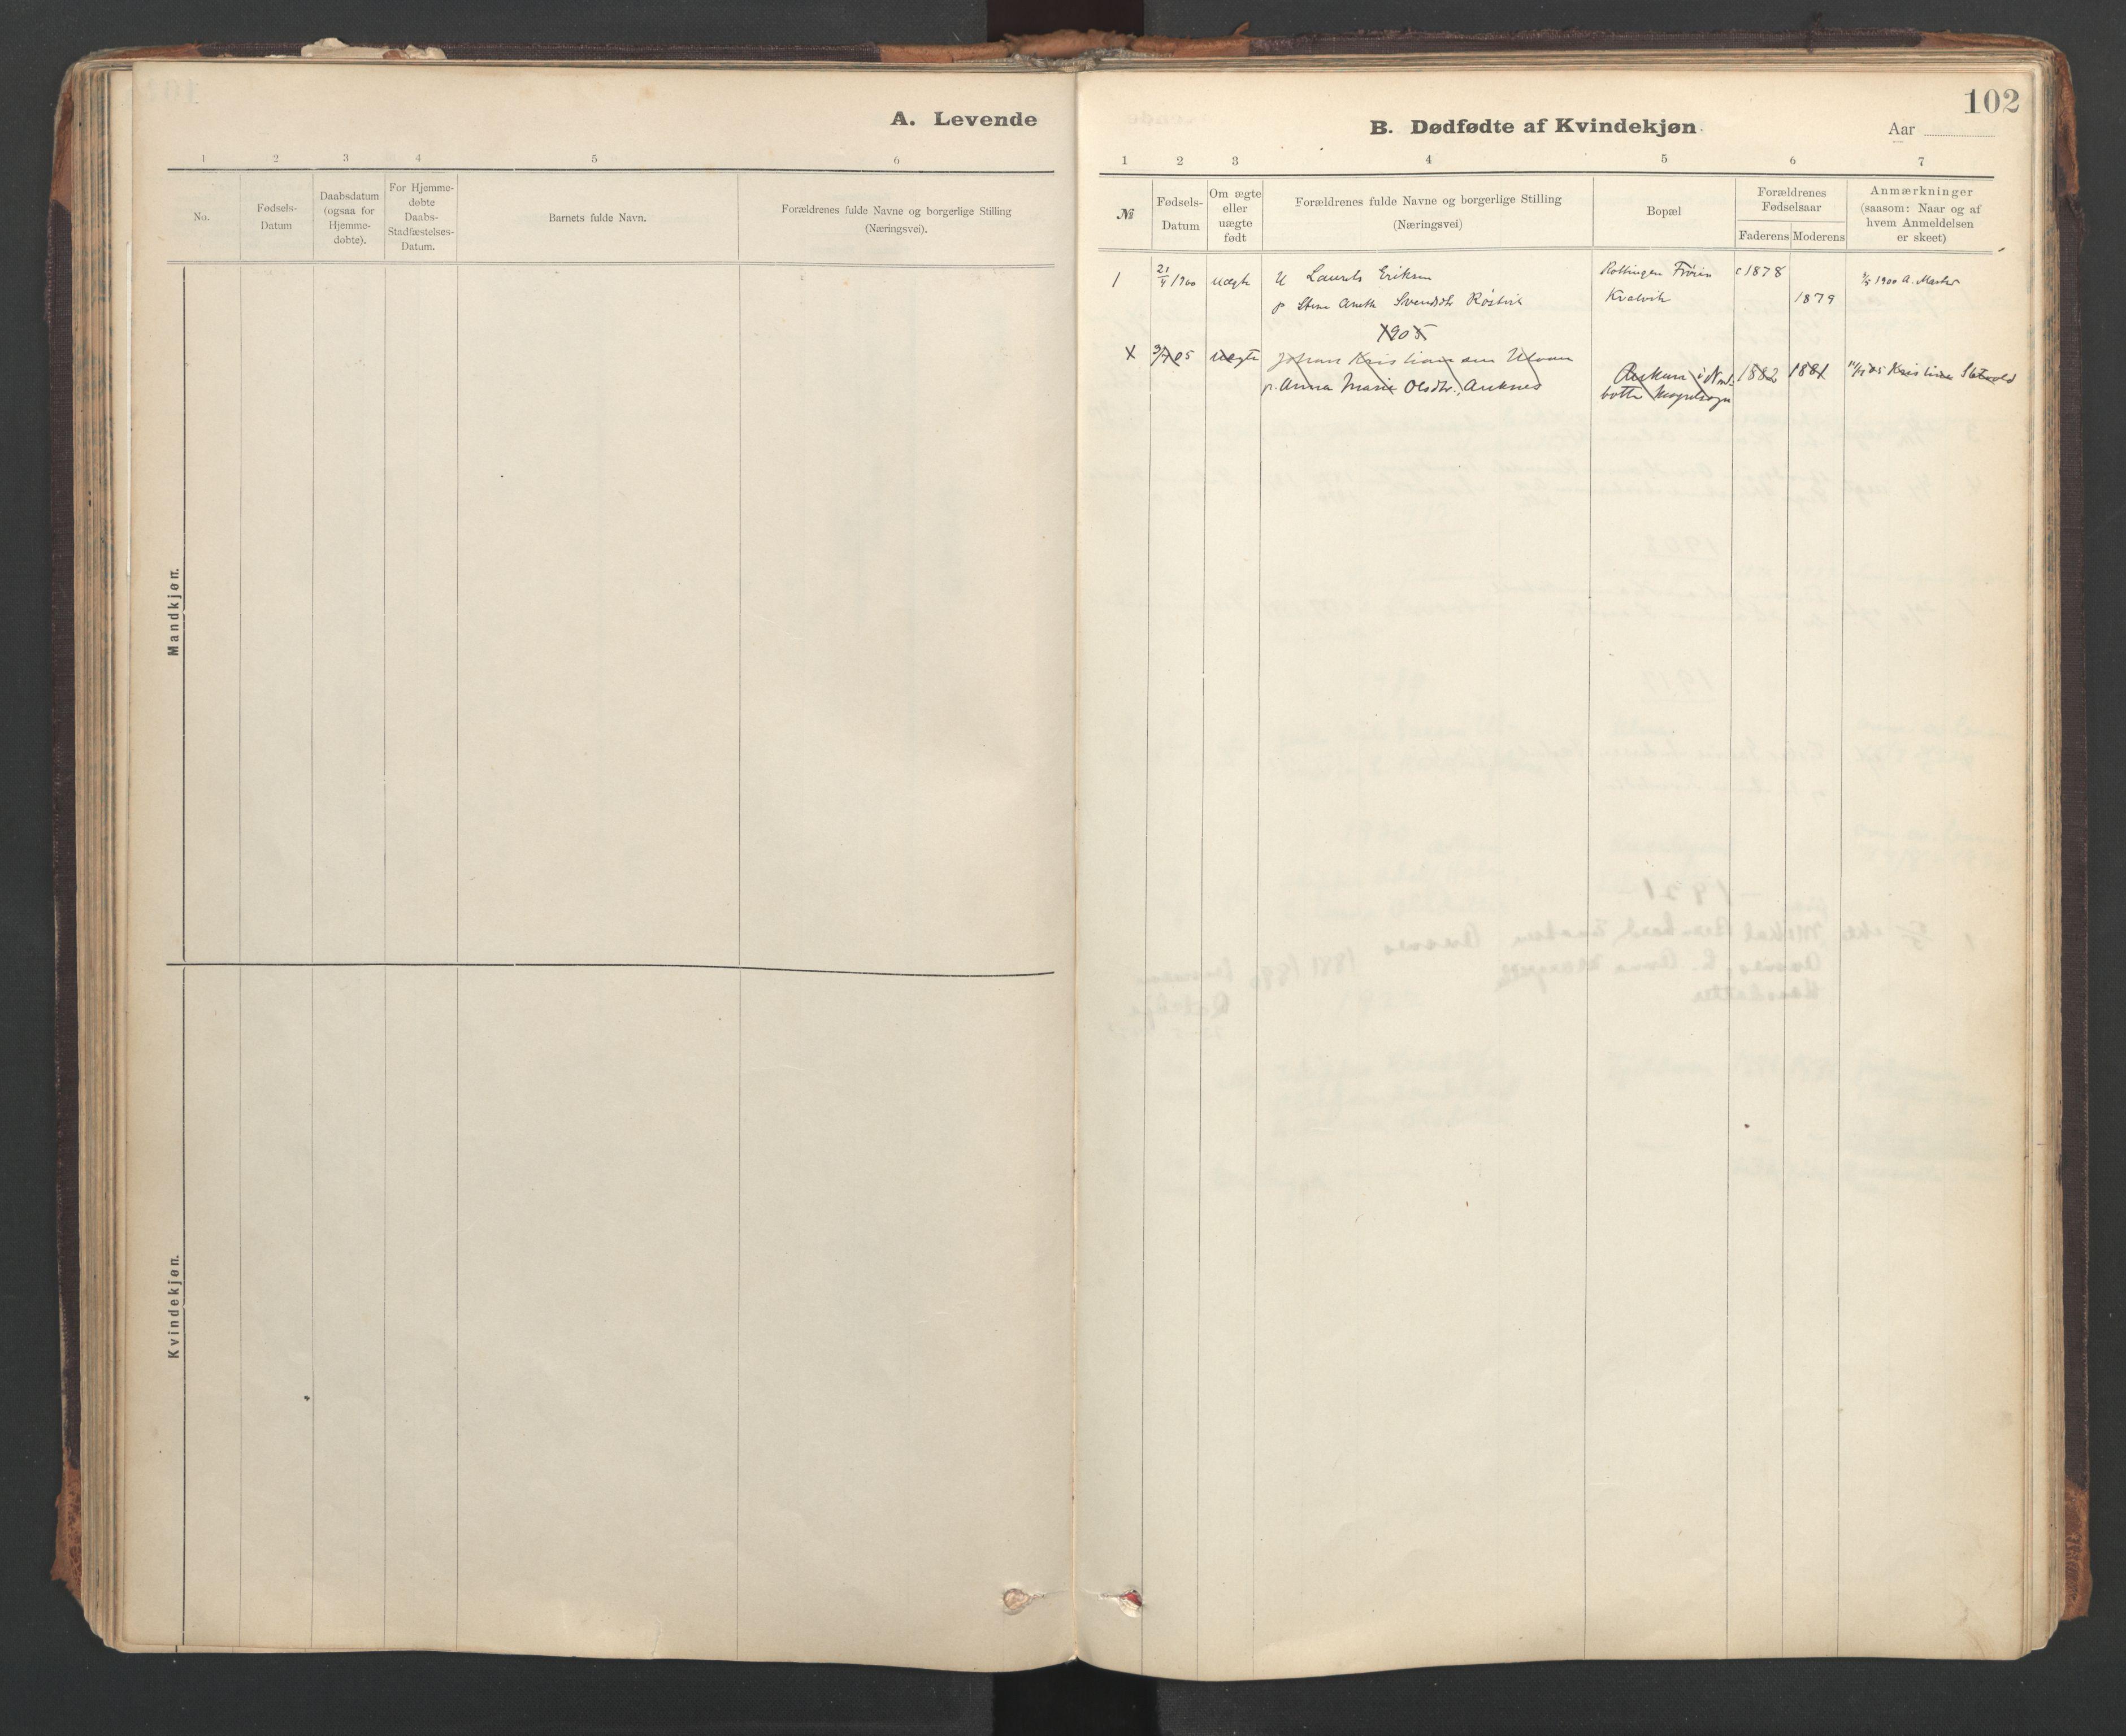 SAT, Ministerialprotokoller, klokkerbøker og fødselsregistre - Sør-Trøndelag, 637/L0559: Ministerialbok nr. 637A02, 1899-1923, s. 102